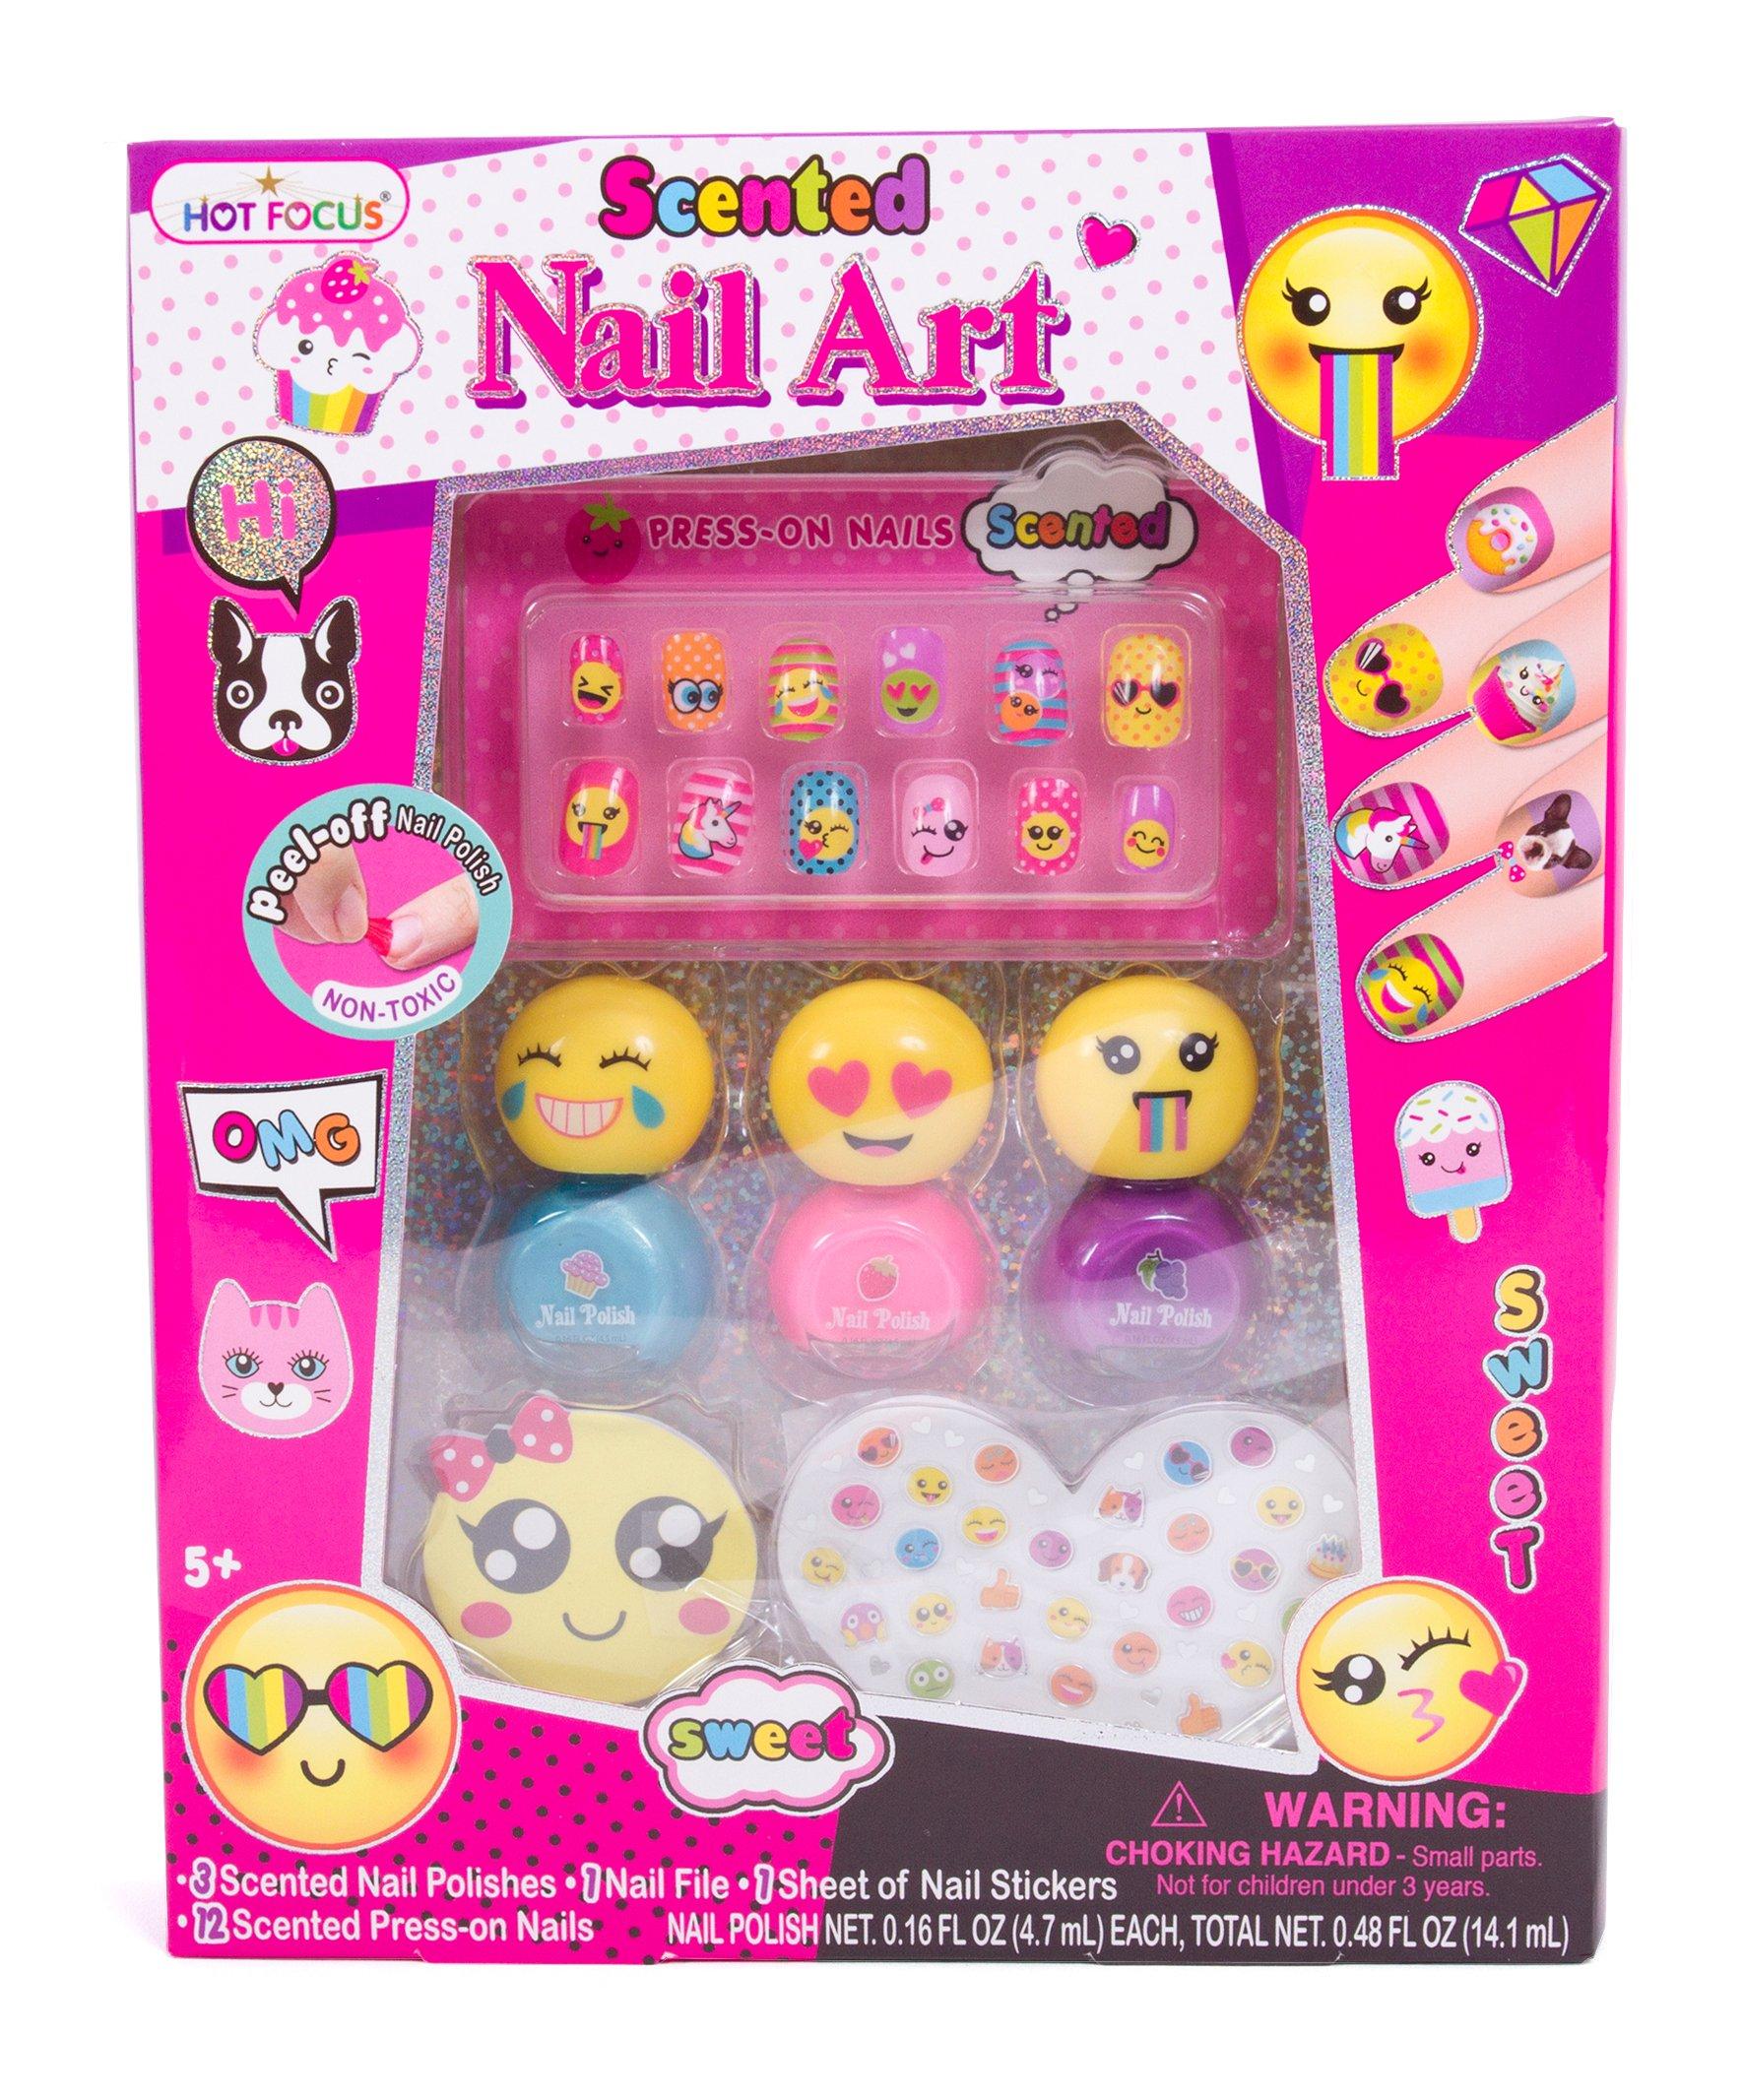 Hot Focus Scented Nail Art Kit- Emoji Girls Nail Kit Includes 12 Press on Nails, 3 Nail Polishes, 31 Nail Stickers and a Nail File - Non-Toxic Water Based Peel Off Nail Polish by Hot Focus